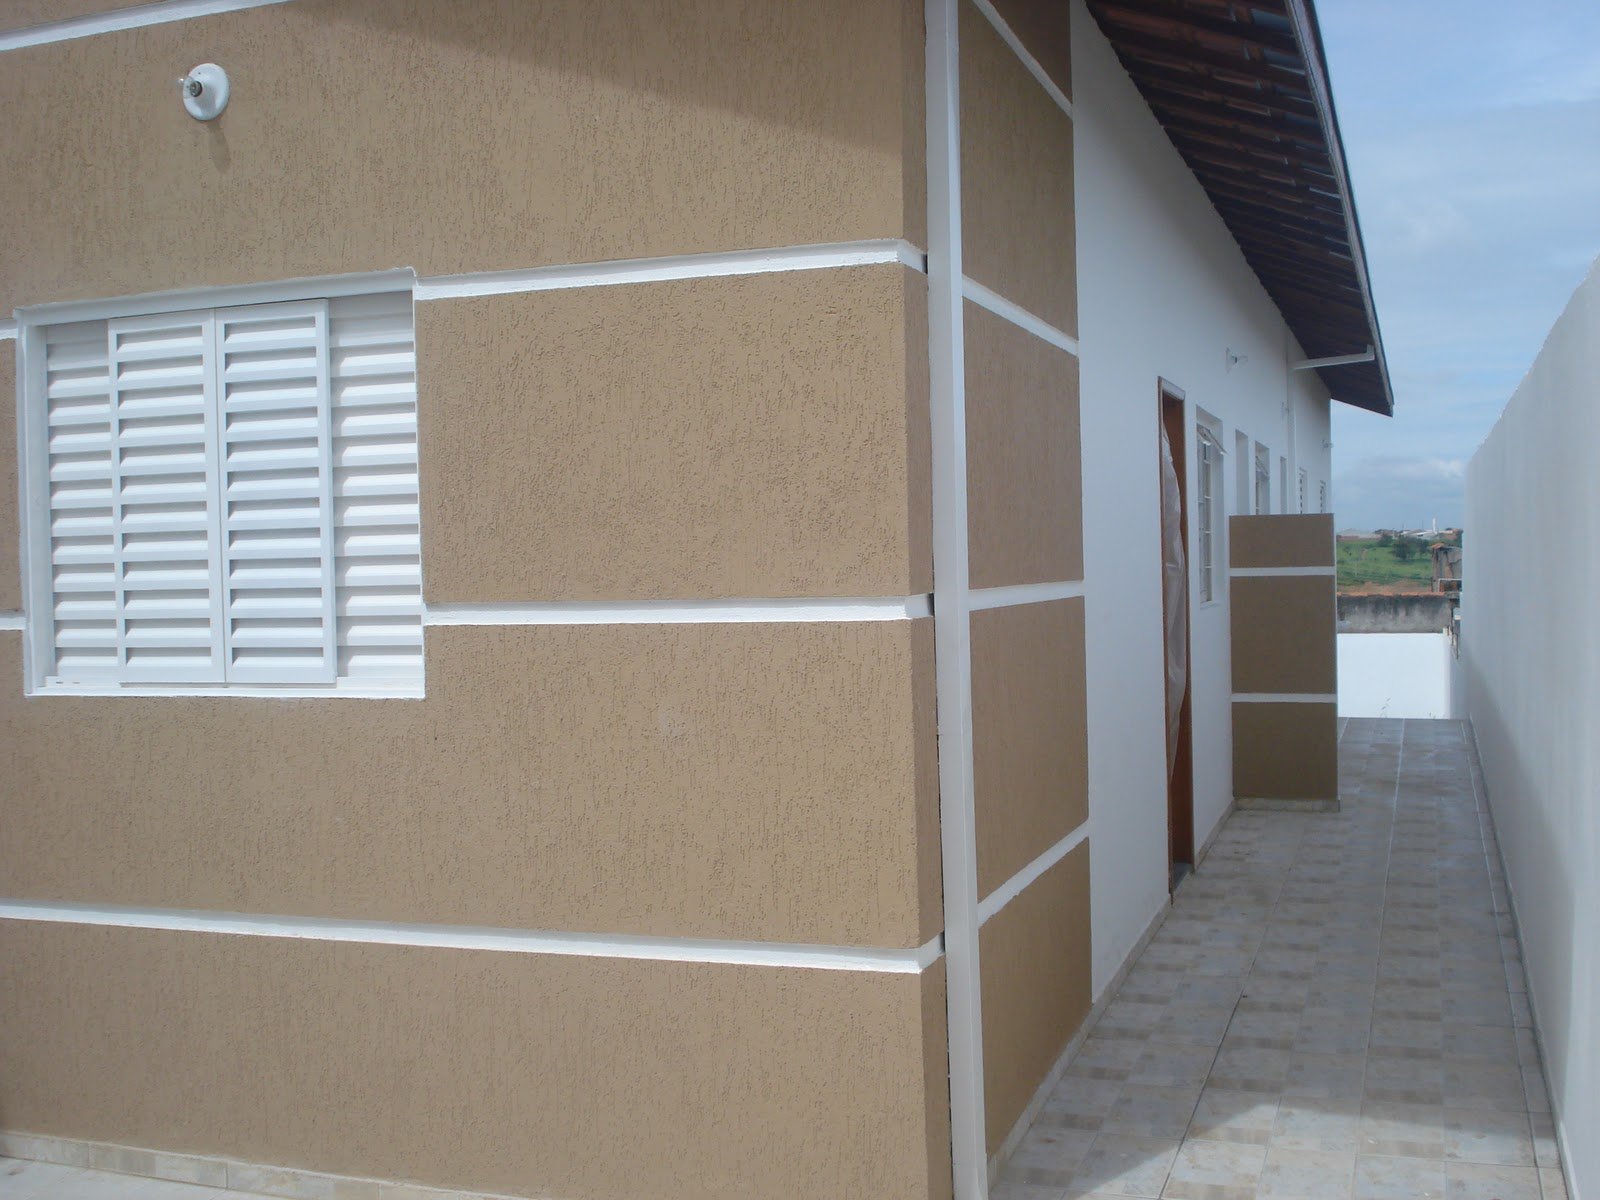 valeforte casa na praia de Massaguaçu: Fotos externas da casa. #446688 1600 1200